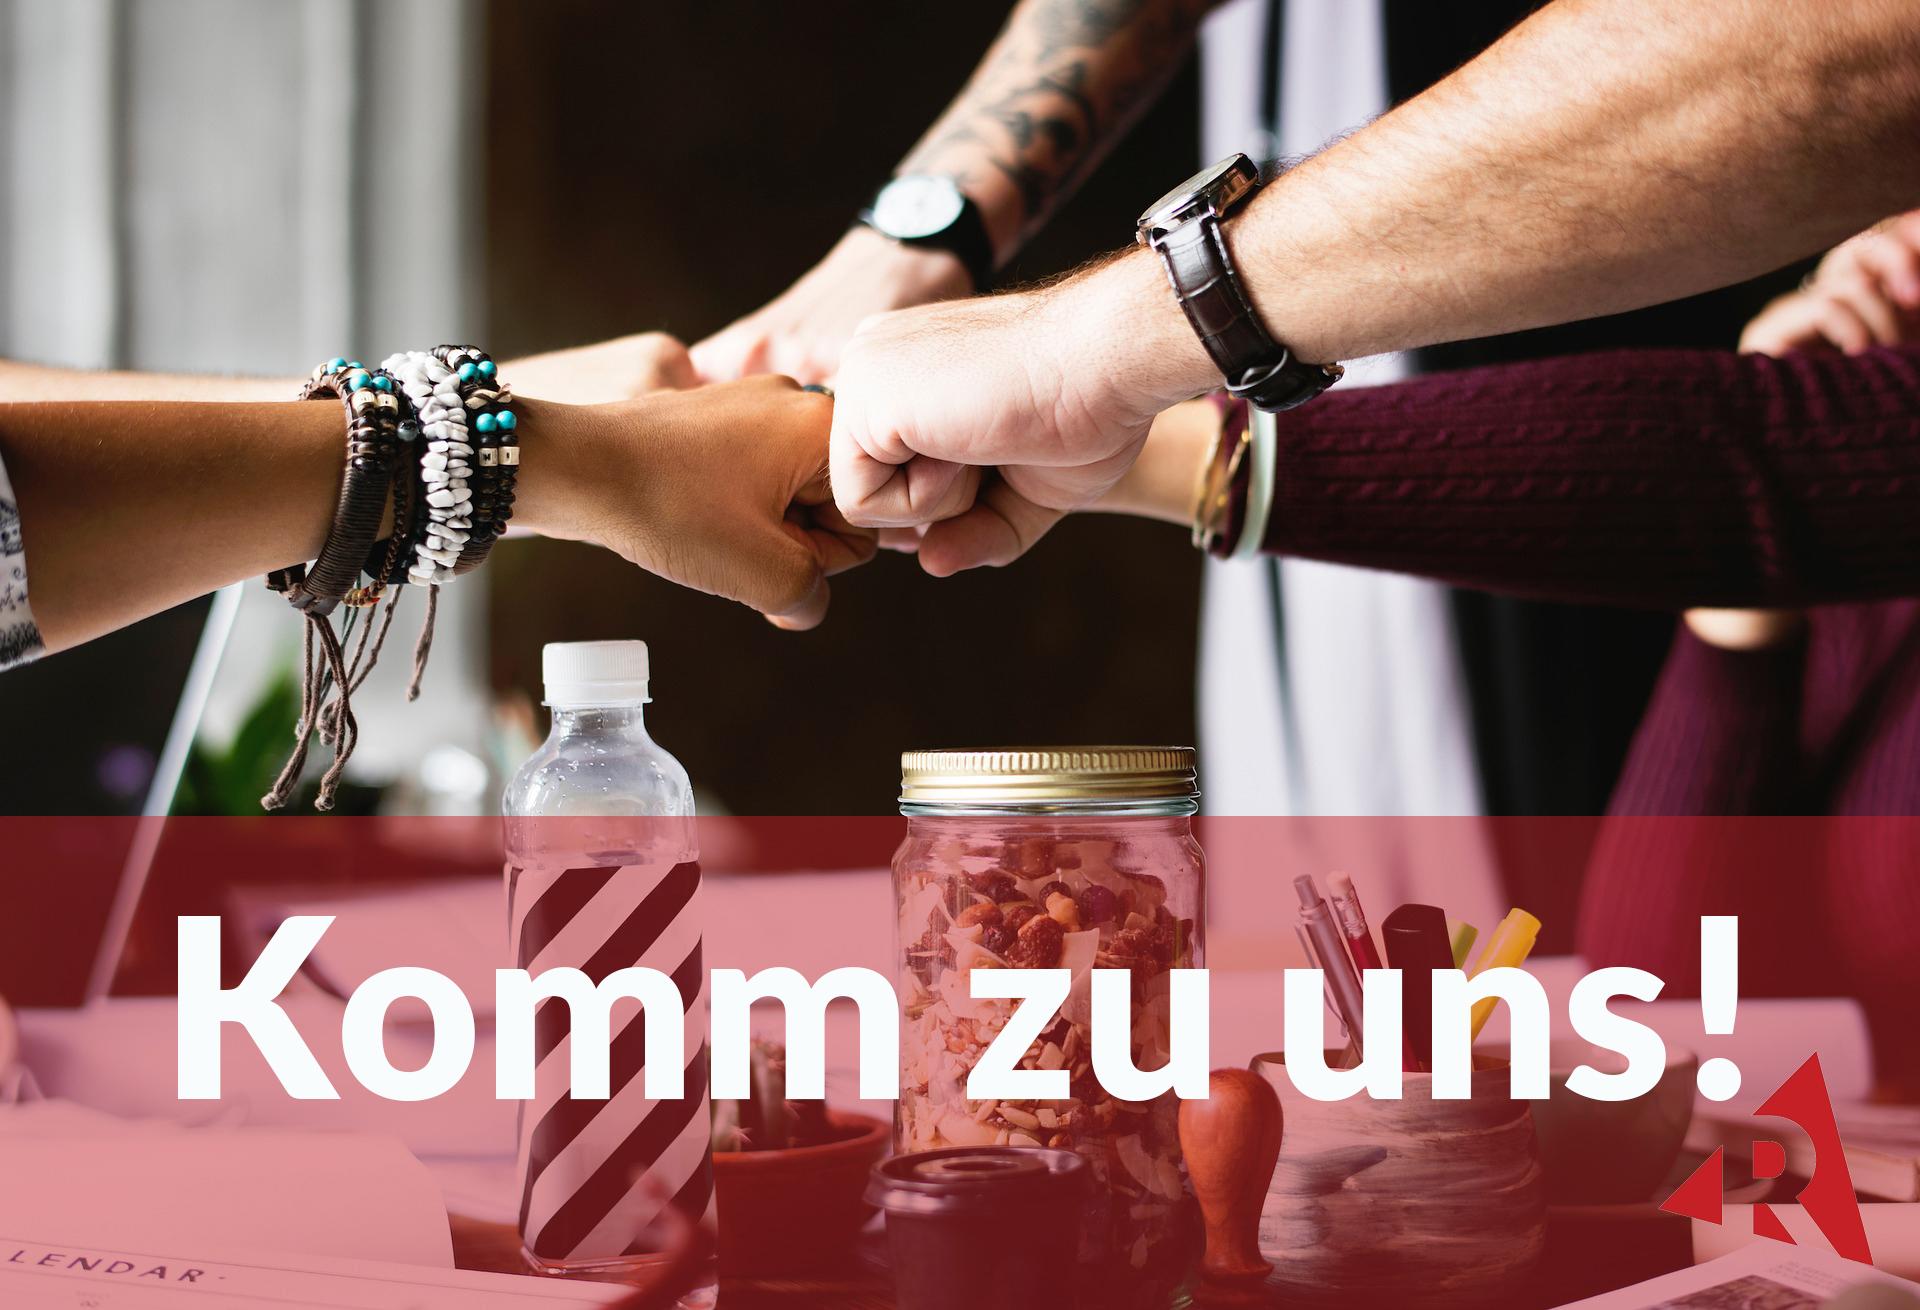 Reikan-group-Karriere-und-Jobs_Slogan